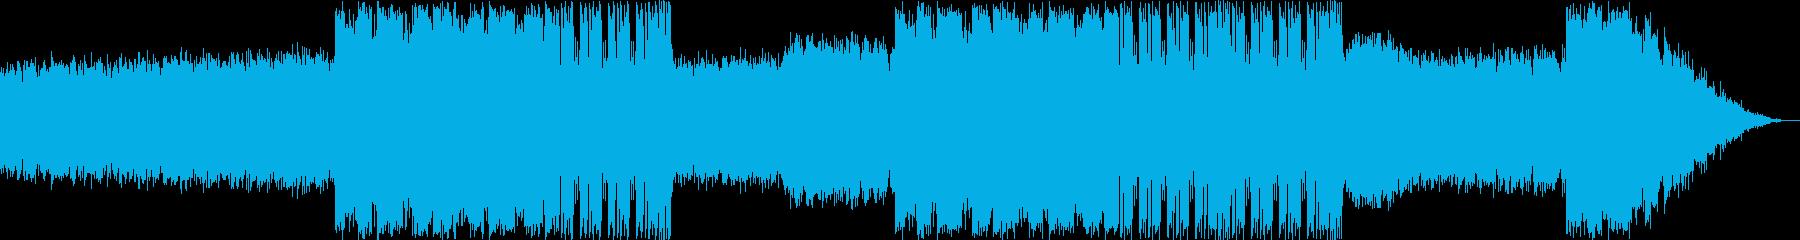 ウッドベースのメロディが印象的な曲の再生済みの波形